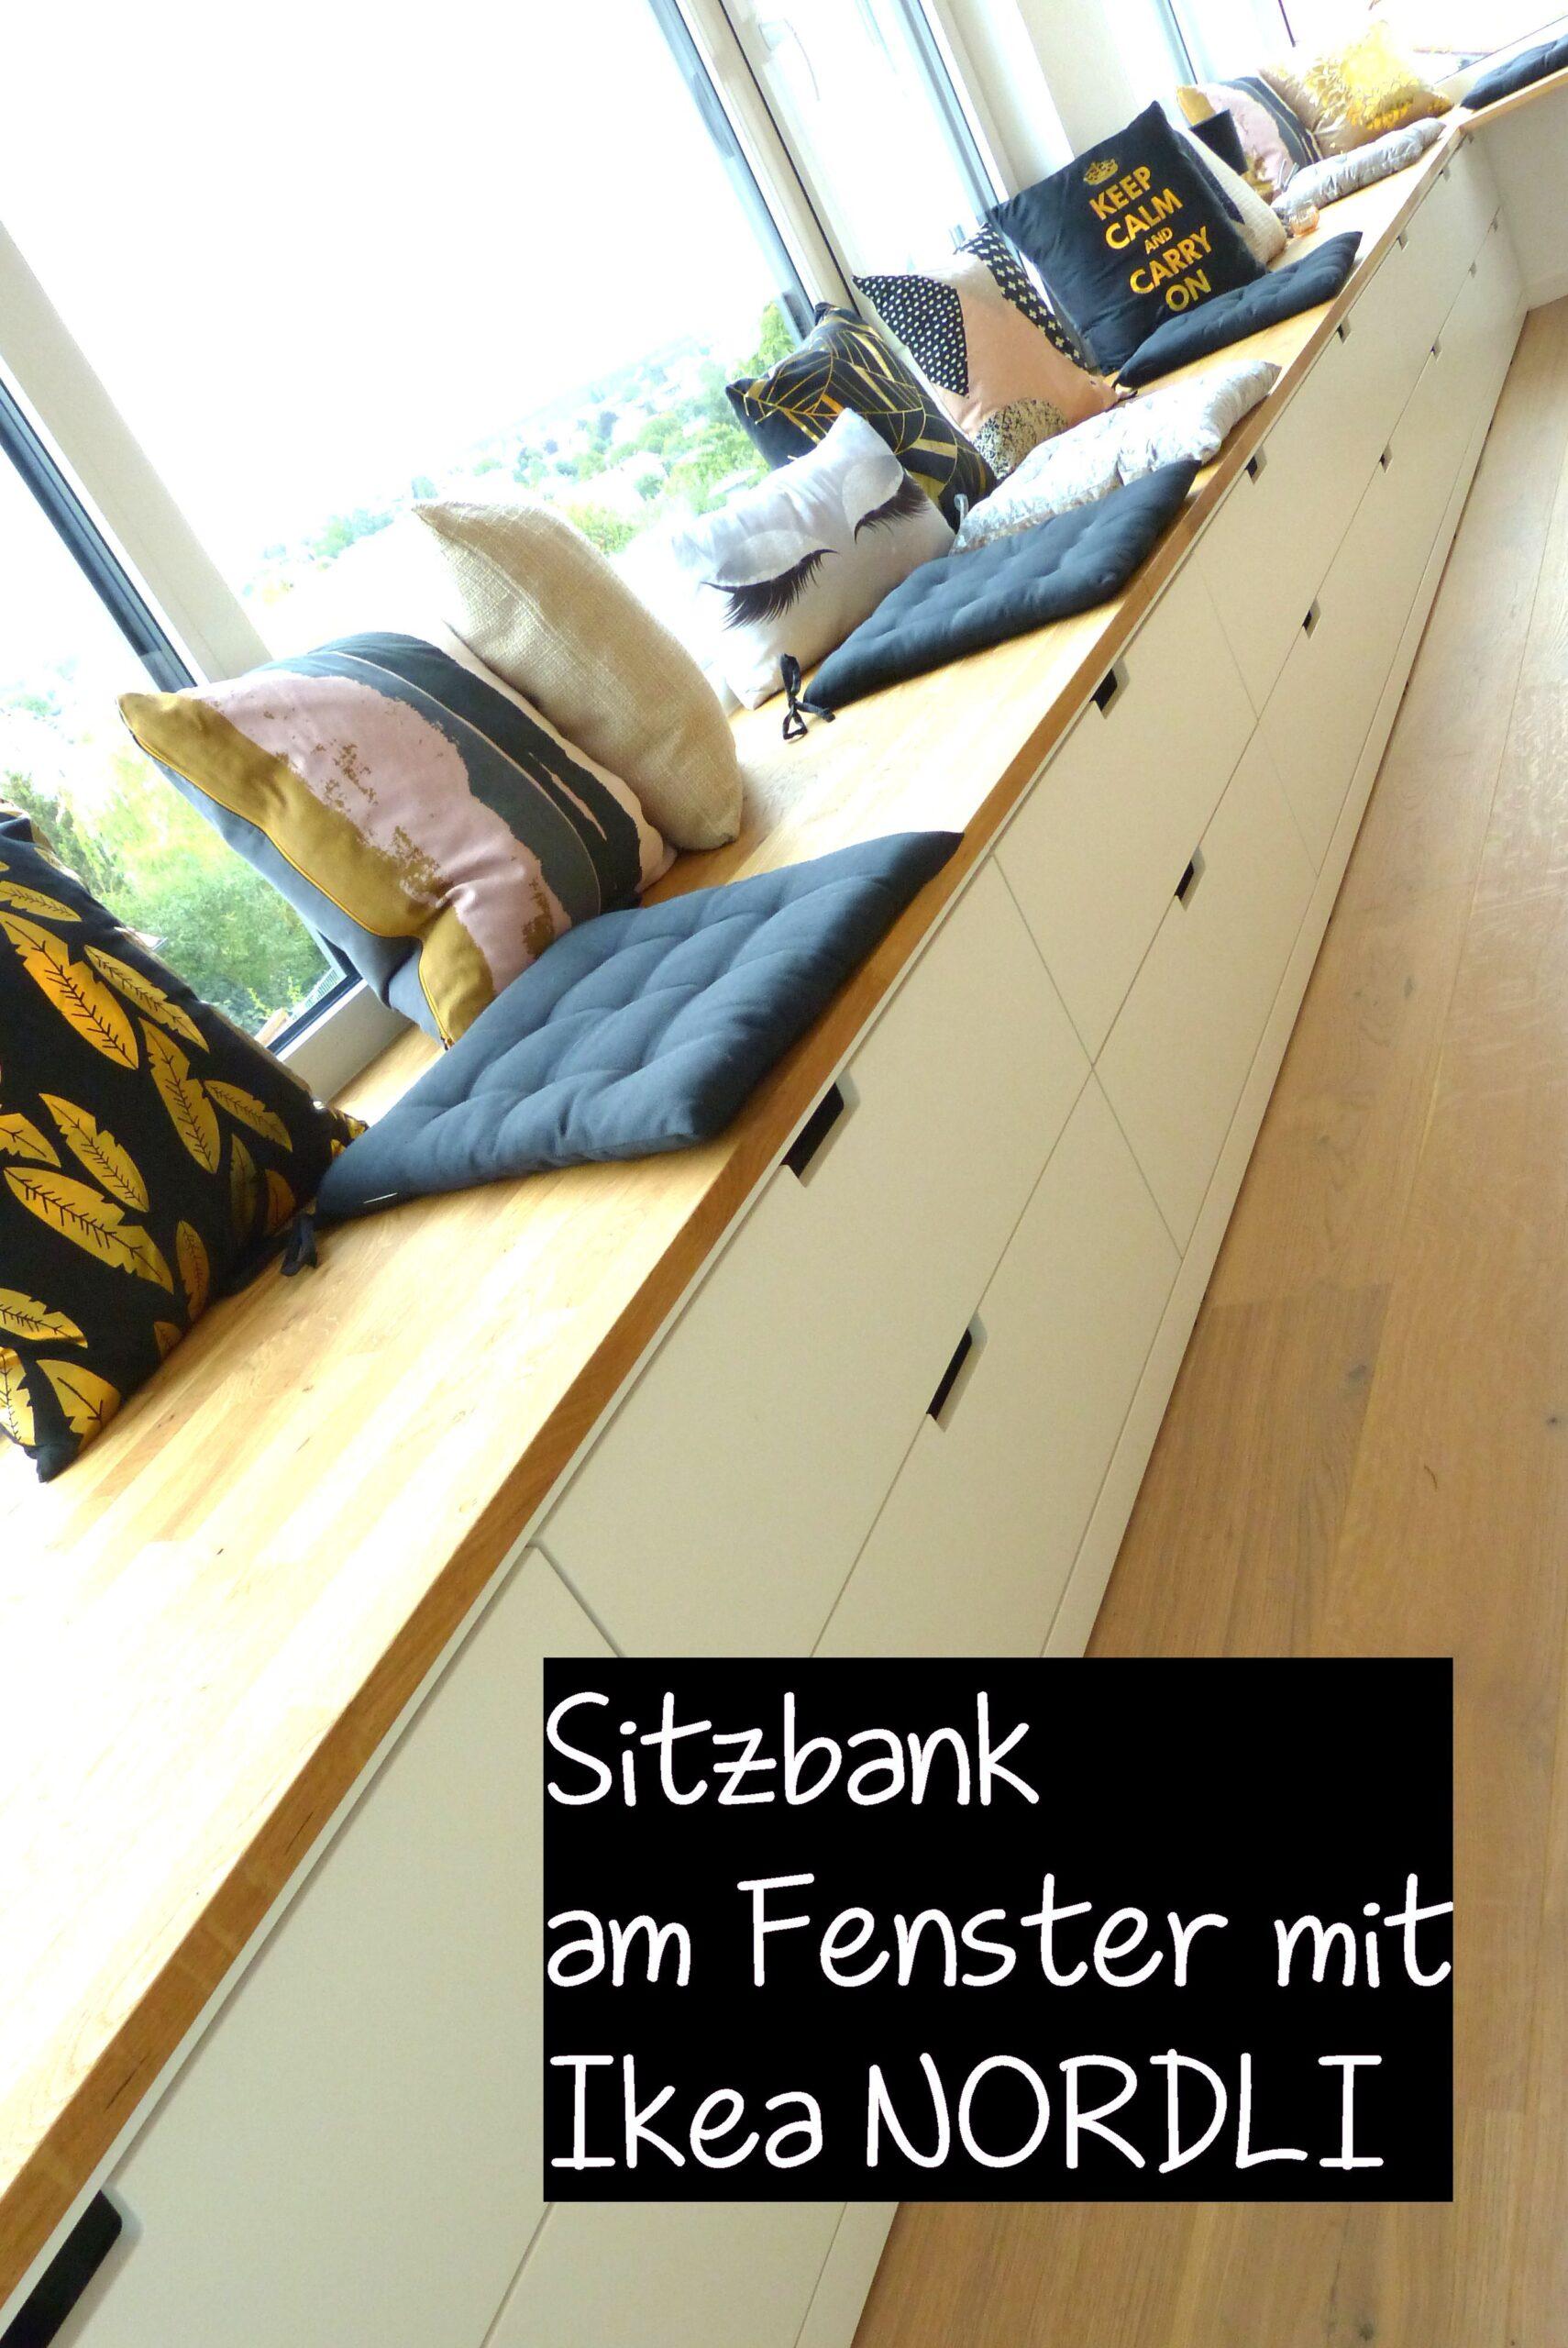 Full Size of Ikea Hack Sitzbank Küche Eine Fest Verbaute Am Fenster Lsst Sich Mit Kommoden Der Unterschränke Einbauküche Weiss Hochglanz Nobilia Sitzgruppe Wohnzimmer Ikea Hack Sitzbank Küche